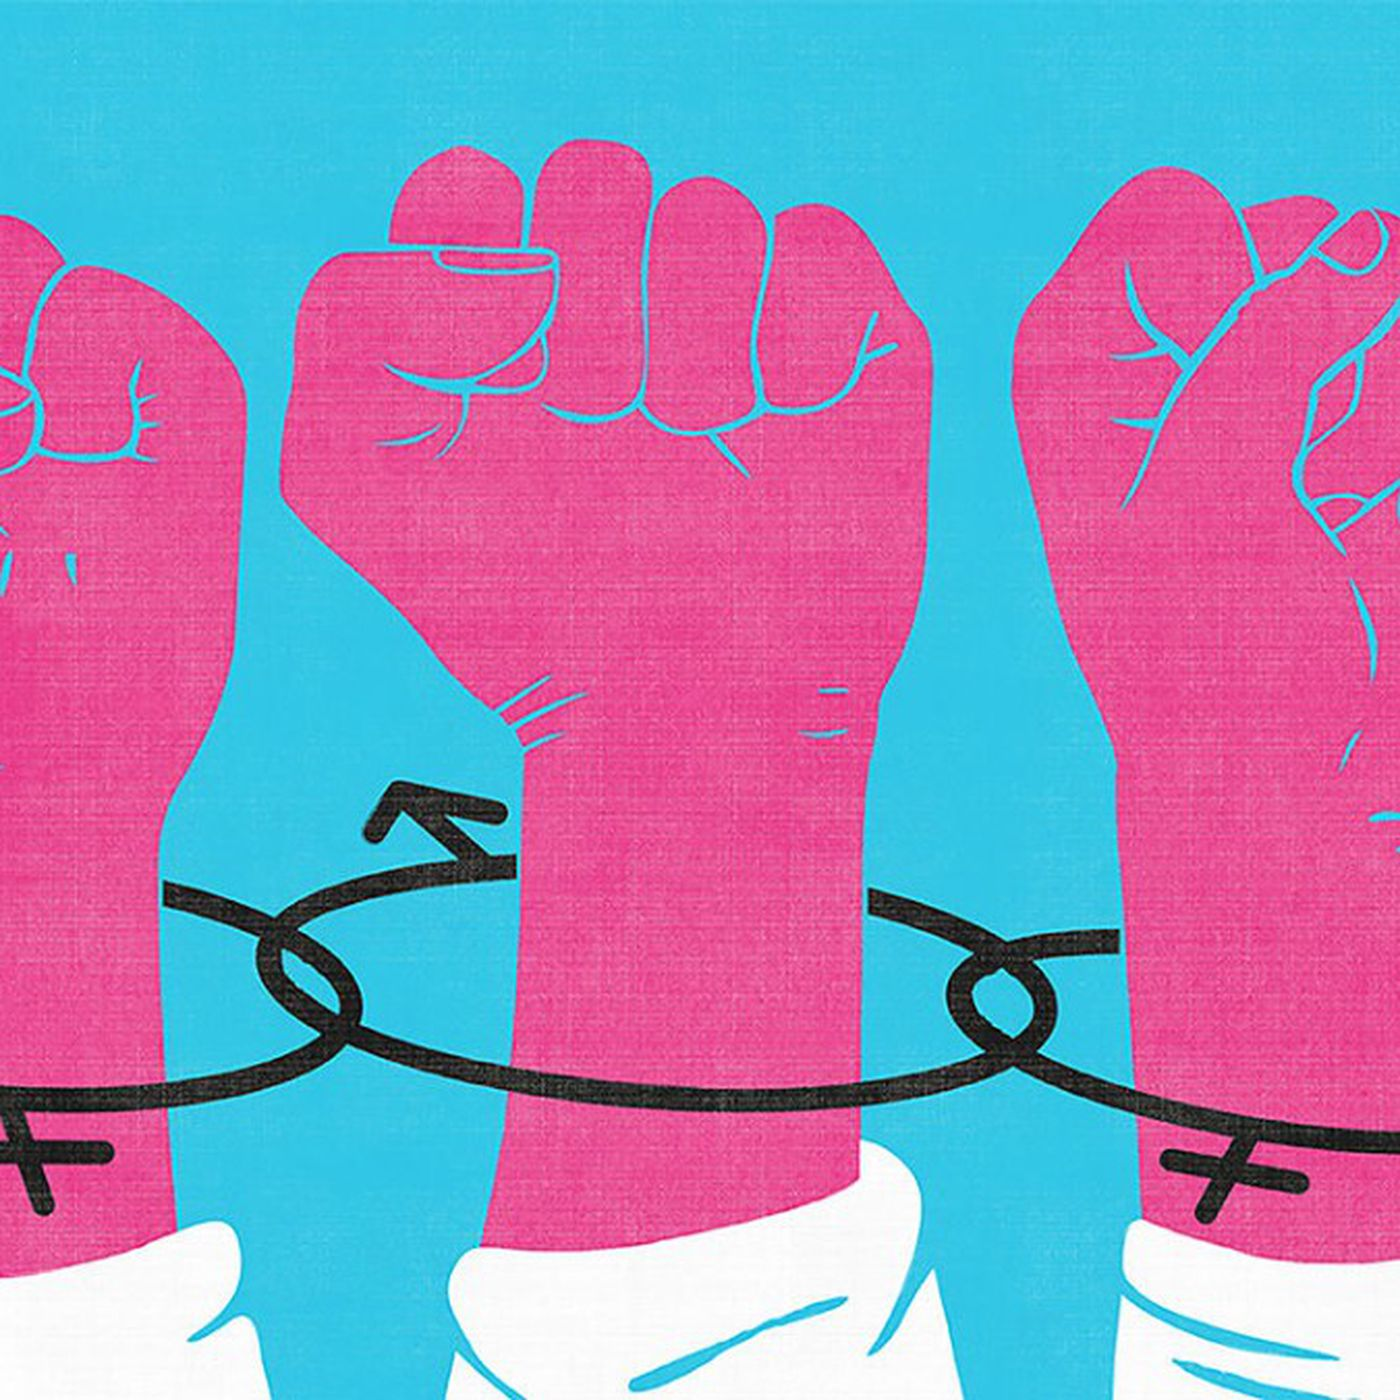 Cinsel Kimlik: Biyolojik Cinsiyet, Cinsel Yönelim ve Toplumsal Cinsiyet Nedir?